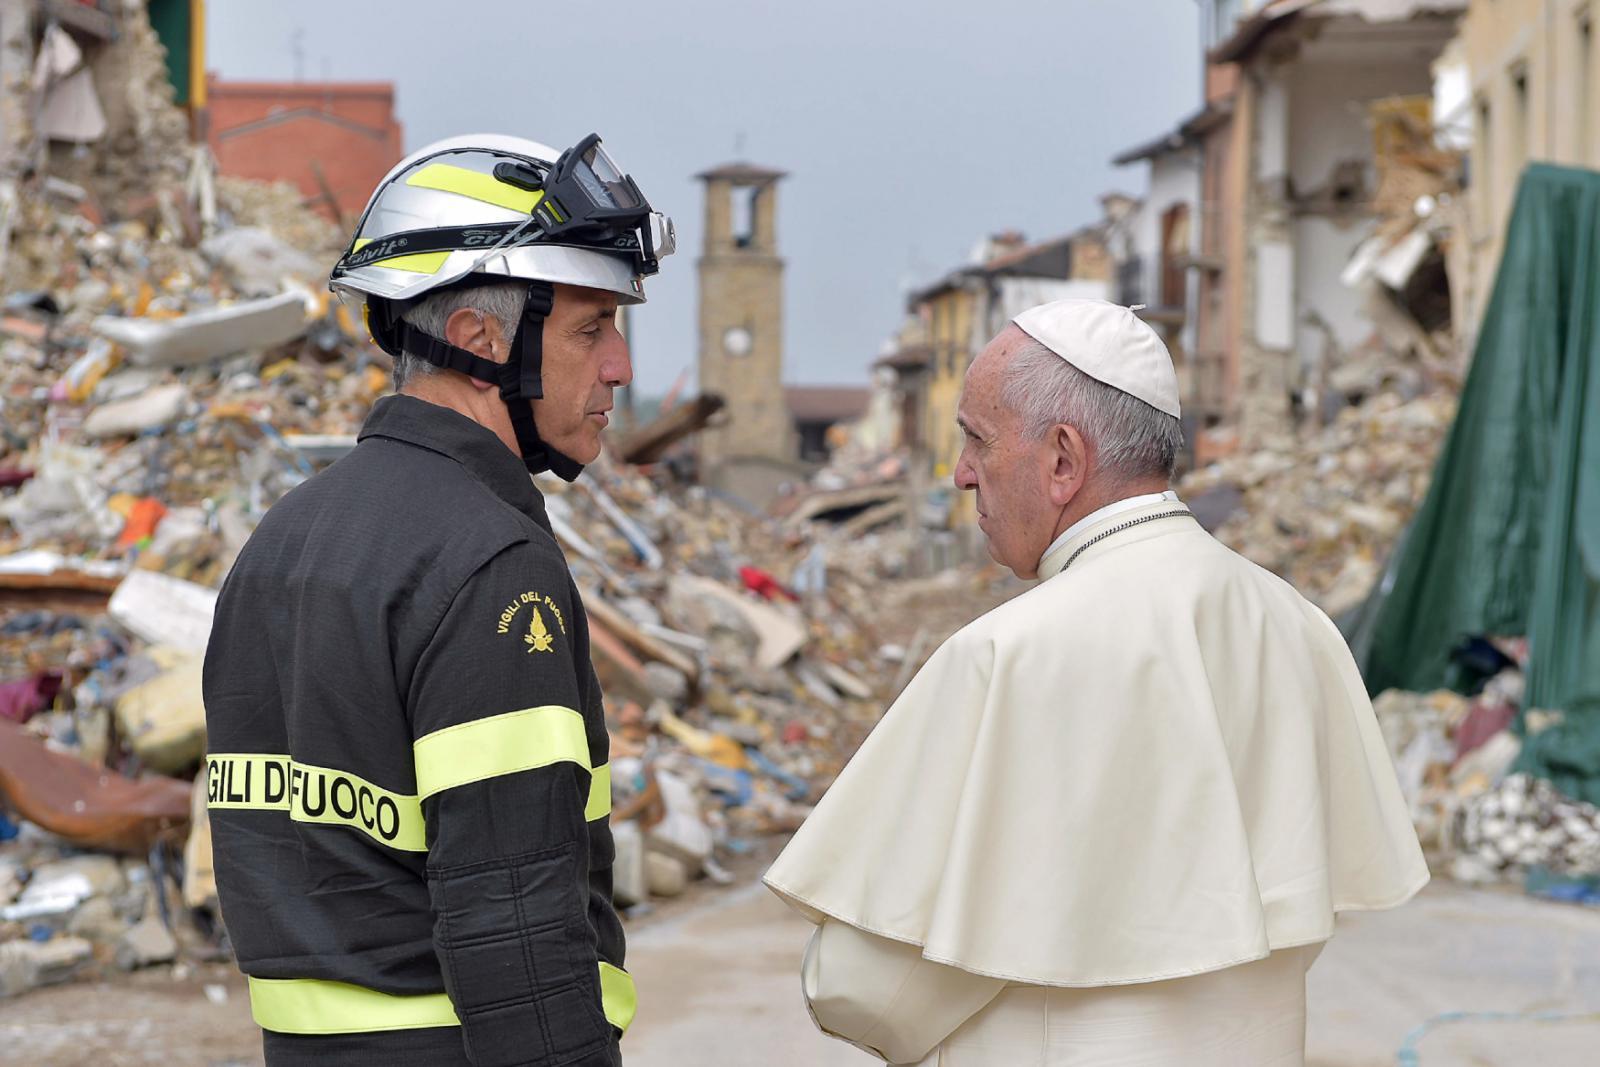 Papež František při hovoru s jedním z místních záchranářů